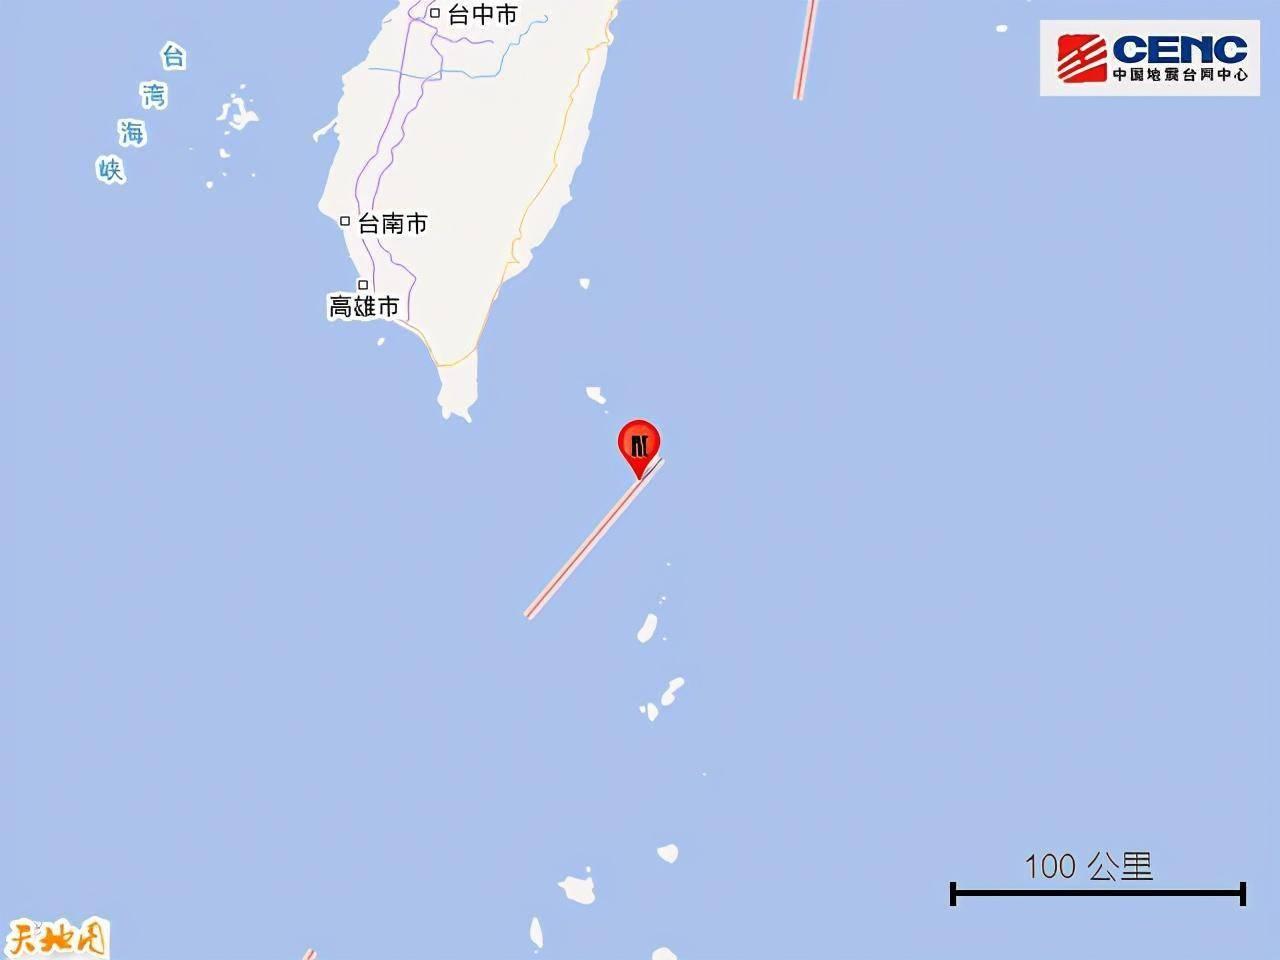 台湾台东县海域发生4.6级地震 震源深度12千米